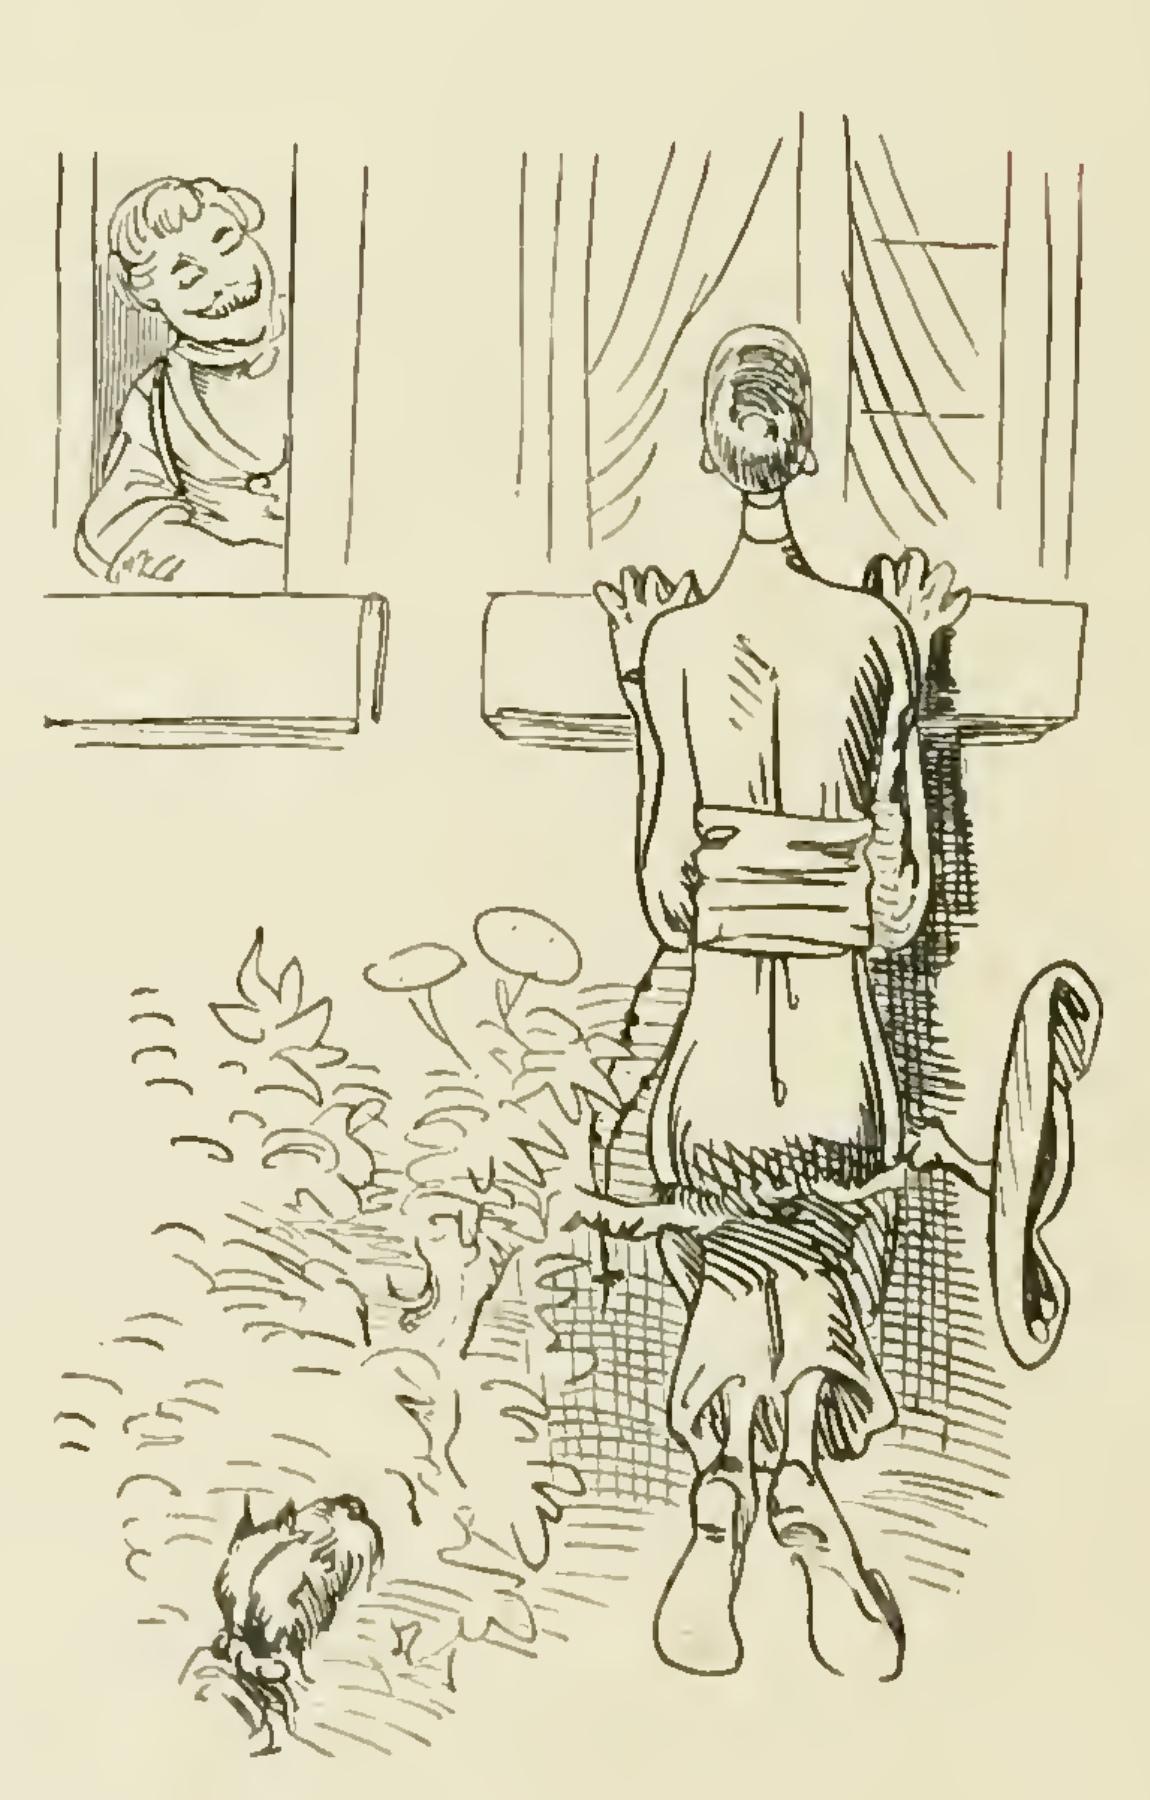 Dessin de Wilhelm Busch extrait de Pater Filicius